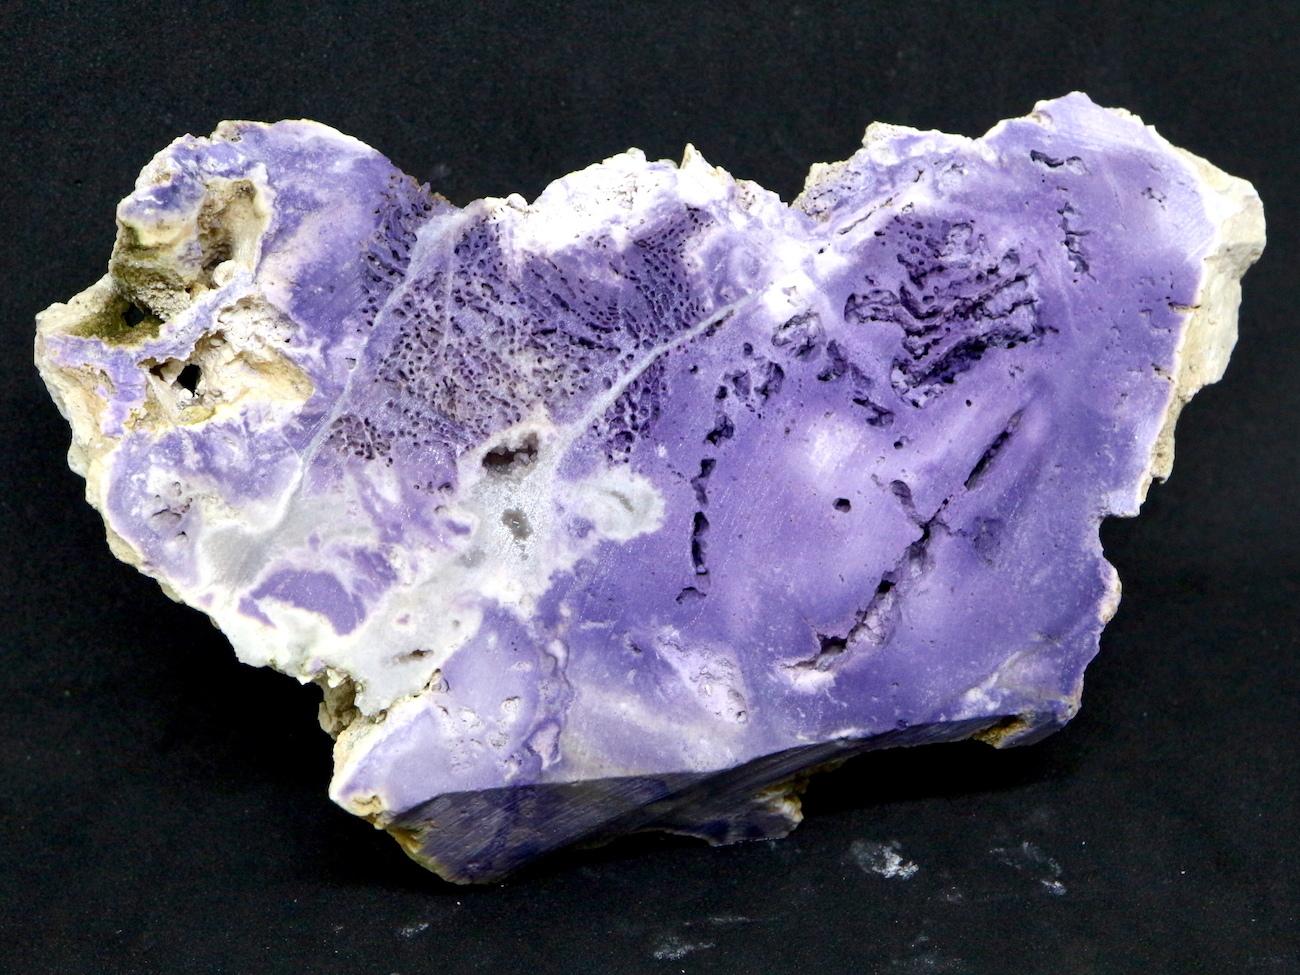 超希少!ティファニーストーン 原石 ユタ州産 279,1g 鉱物 TF036 原石 天然石 鉱物